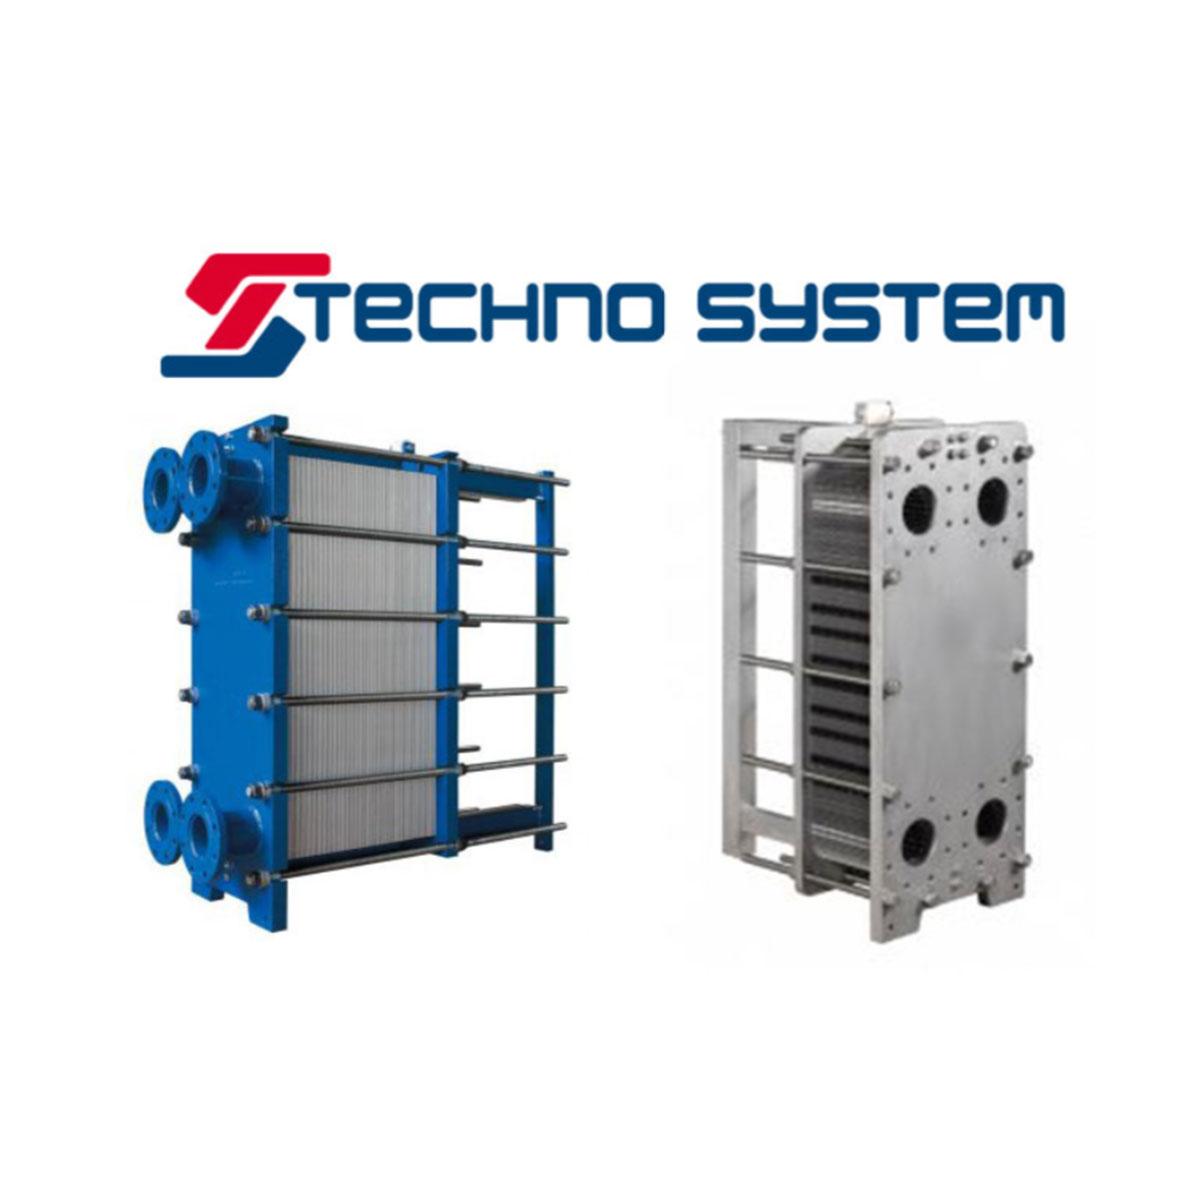 You are currently viewing Techno System ed Exonder assieme per affermare l'eccellenza italiana dello scambio termico